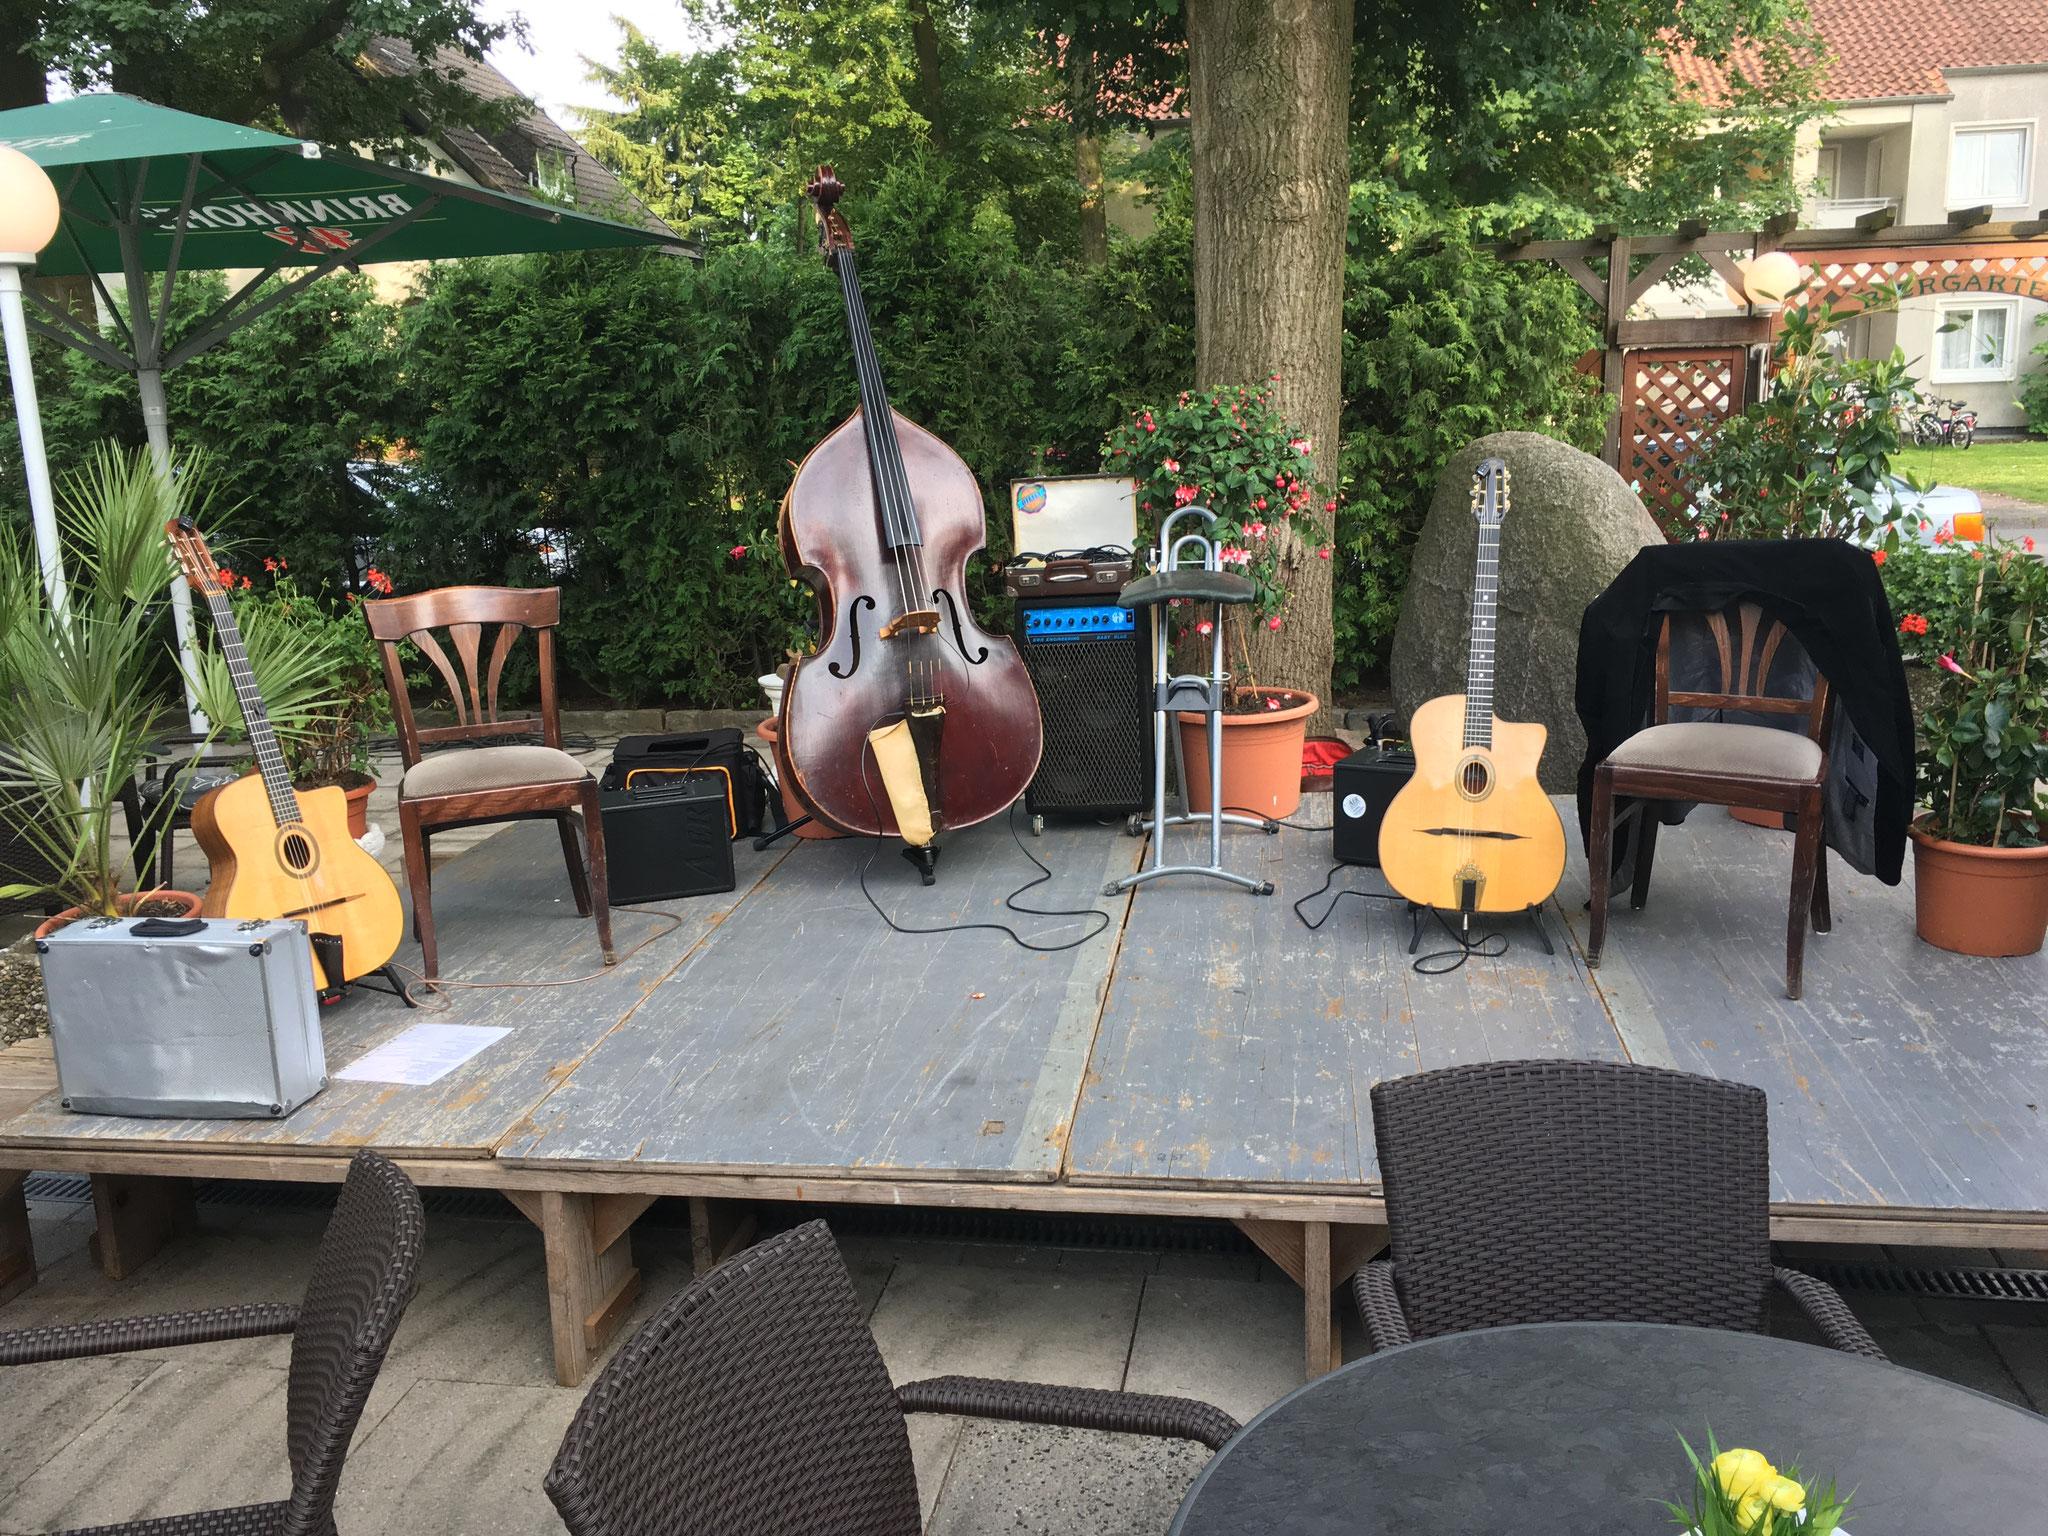 Livemusik-  Stringtett Trio im Biergarten Juni 2016